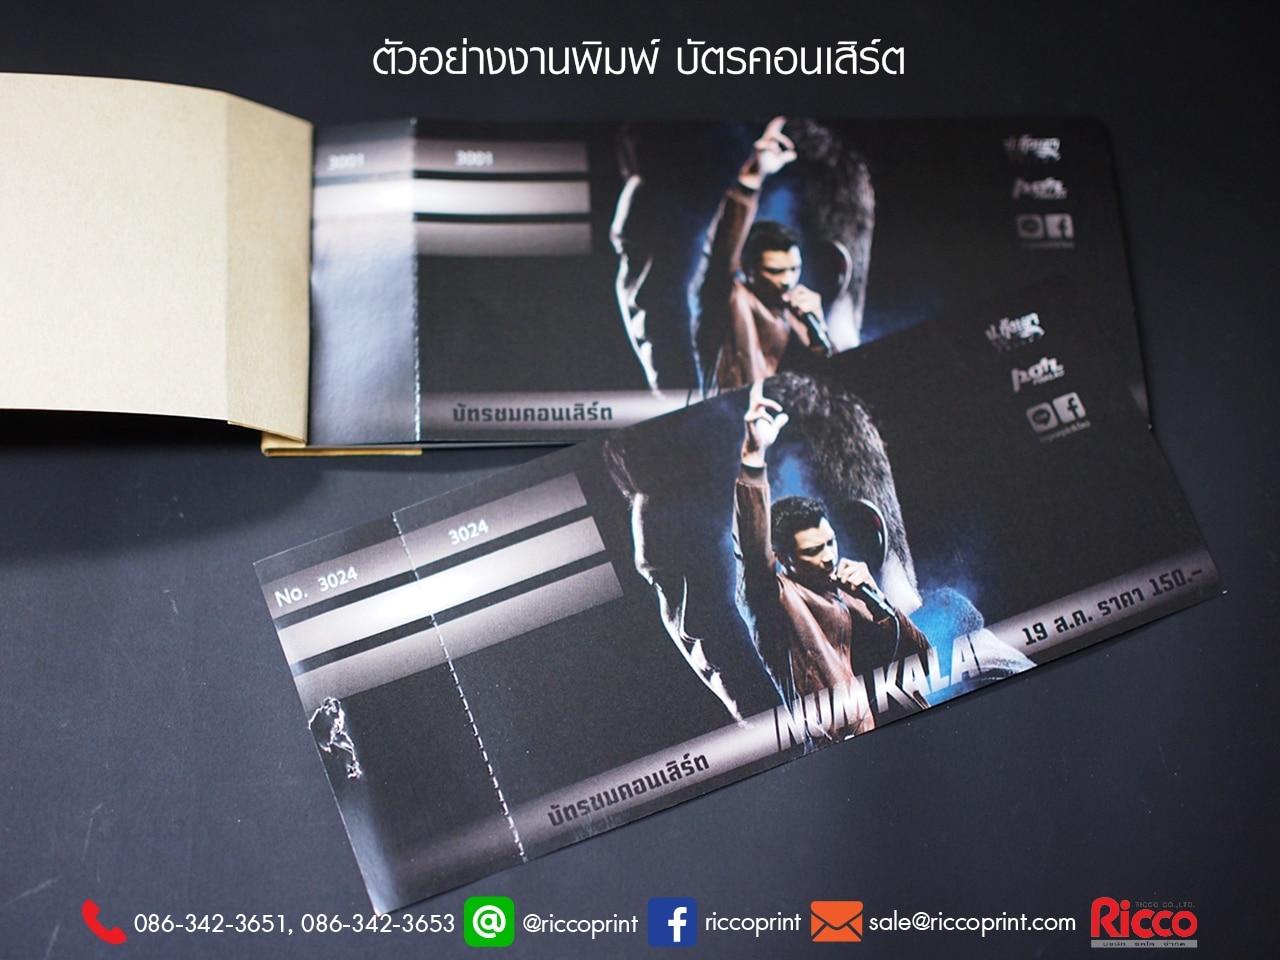 รูป Ticket 2020 ConcertKALA2 - ประกอบเนื้อหา คูปอง บัตรกำนัล ตั๋ว